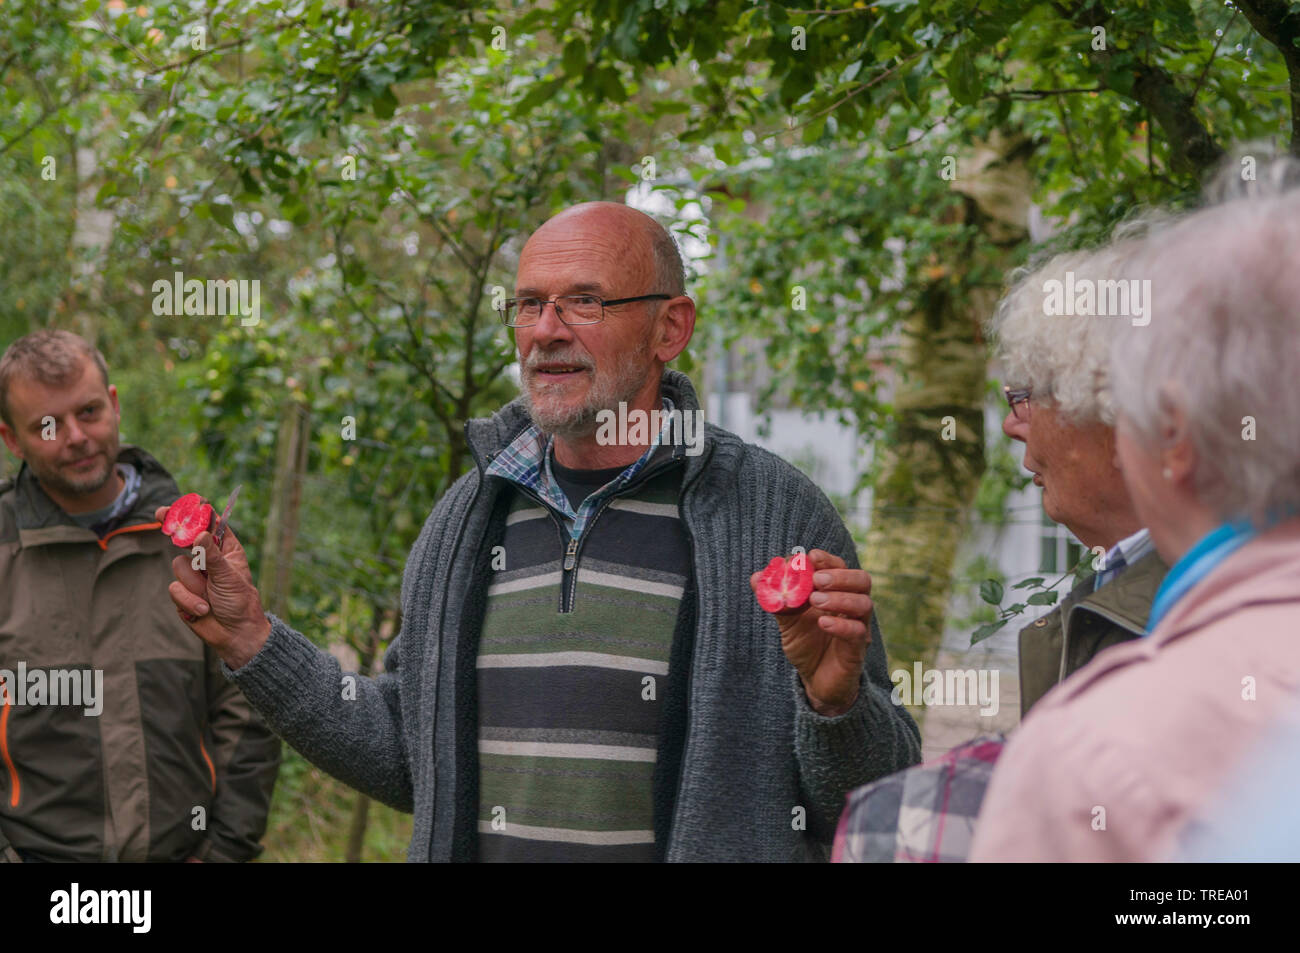 verschiedene Apfelsorten werden in einer Plantage vorgestellt, Deutschland, Schleswig-Holstein   different apple cultivars are presented, Germany, Sch - Stock Image